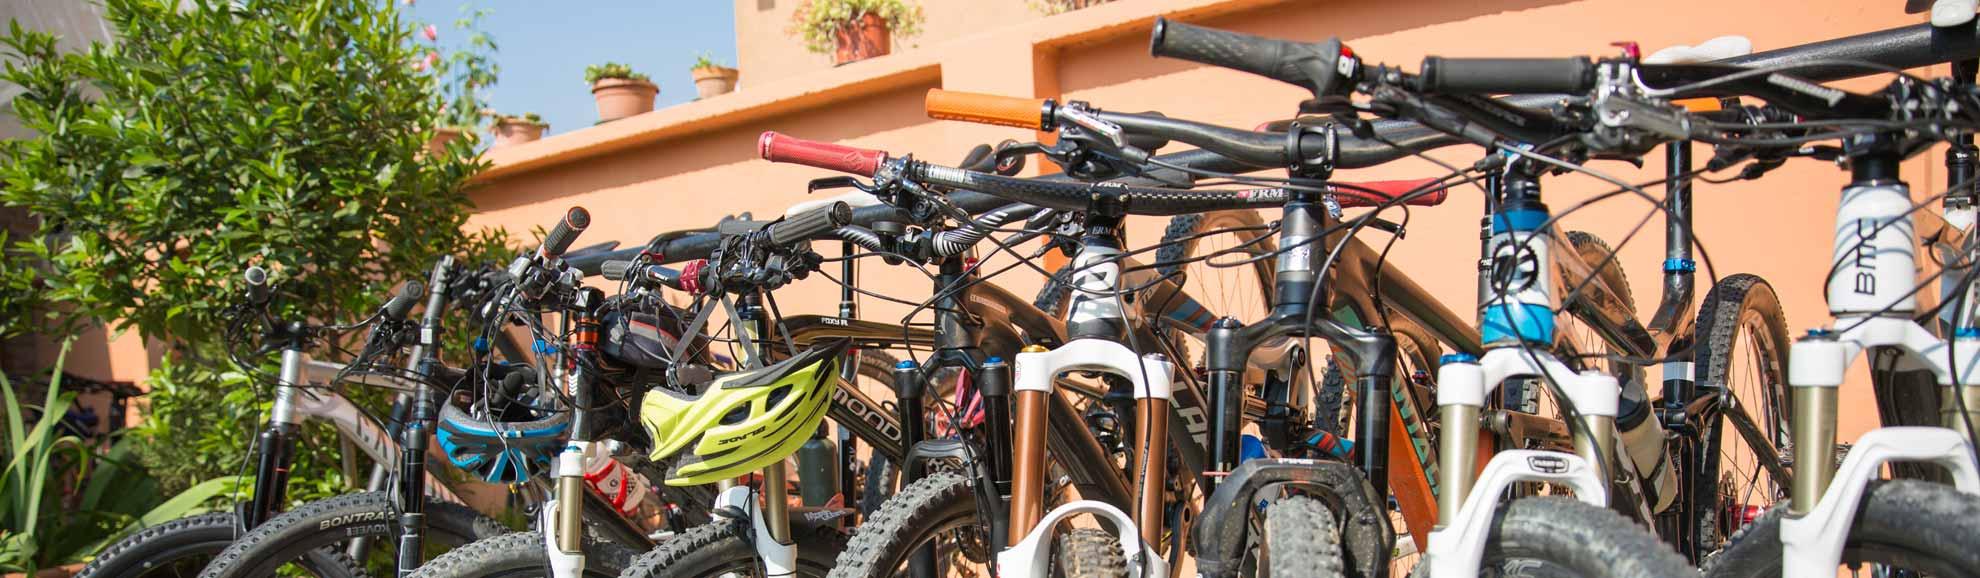 Mtb repair and garage in Langhe e Roero